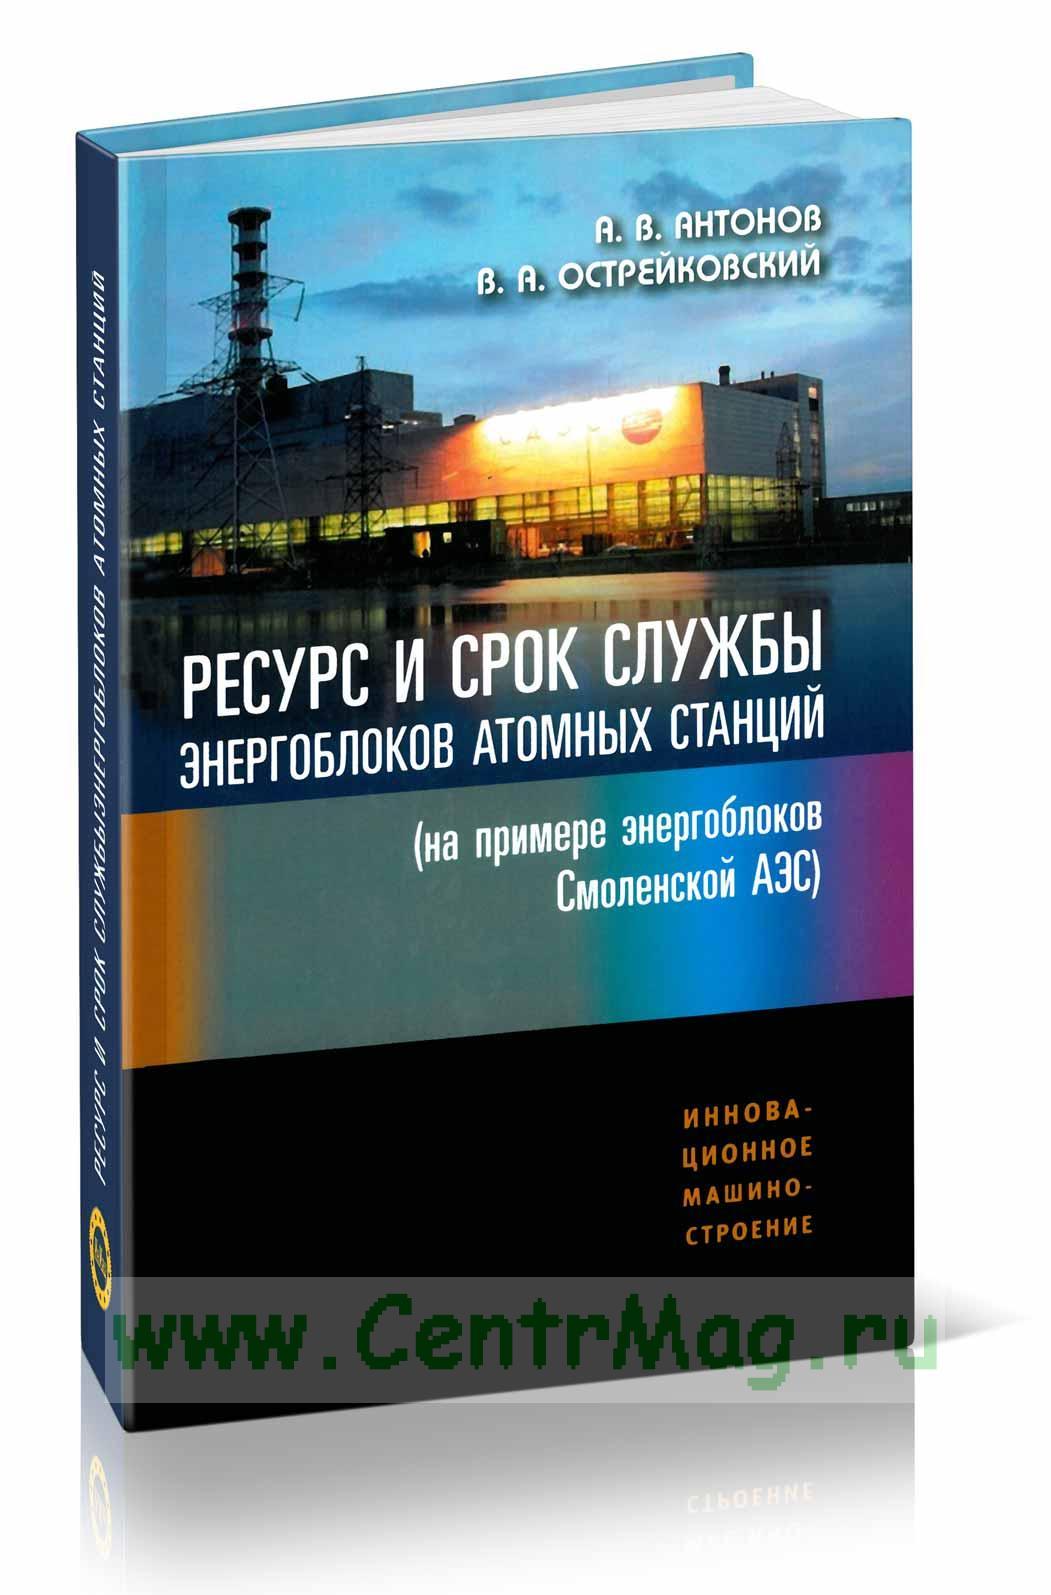 Ресурс и срок службы энергоблоков атомных станций (на примере энергоблоков Смоленской АЗС)